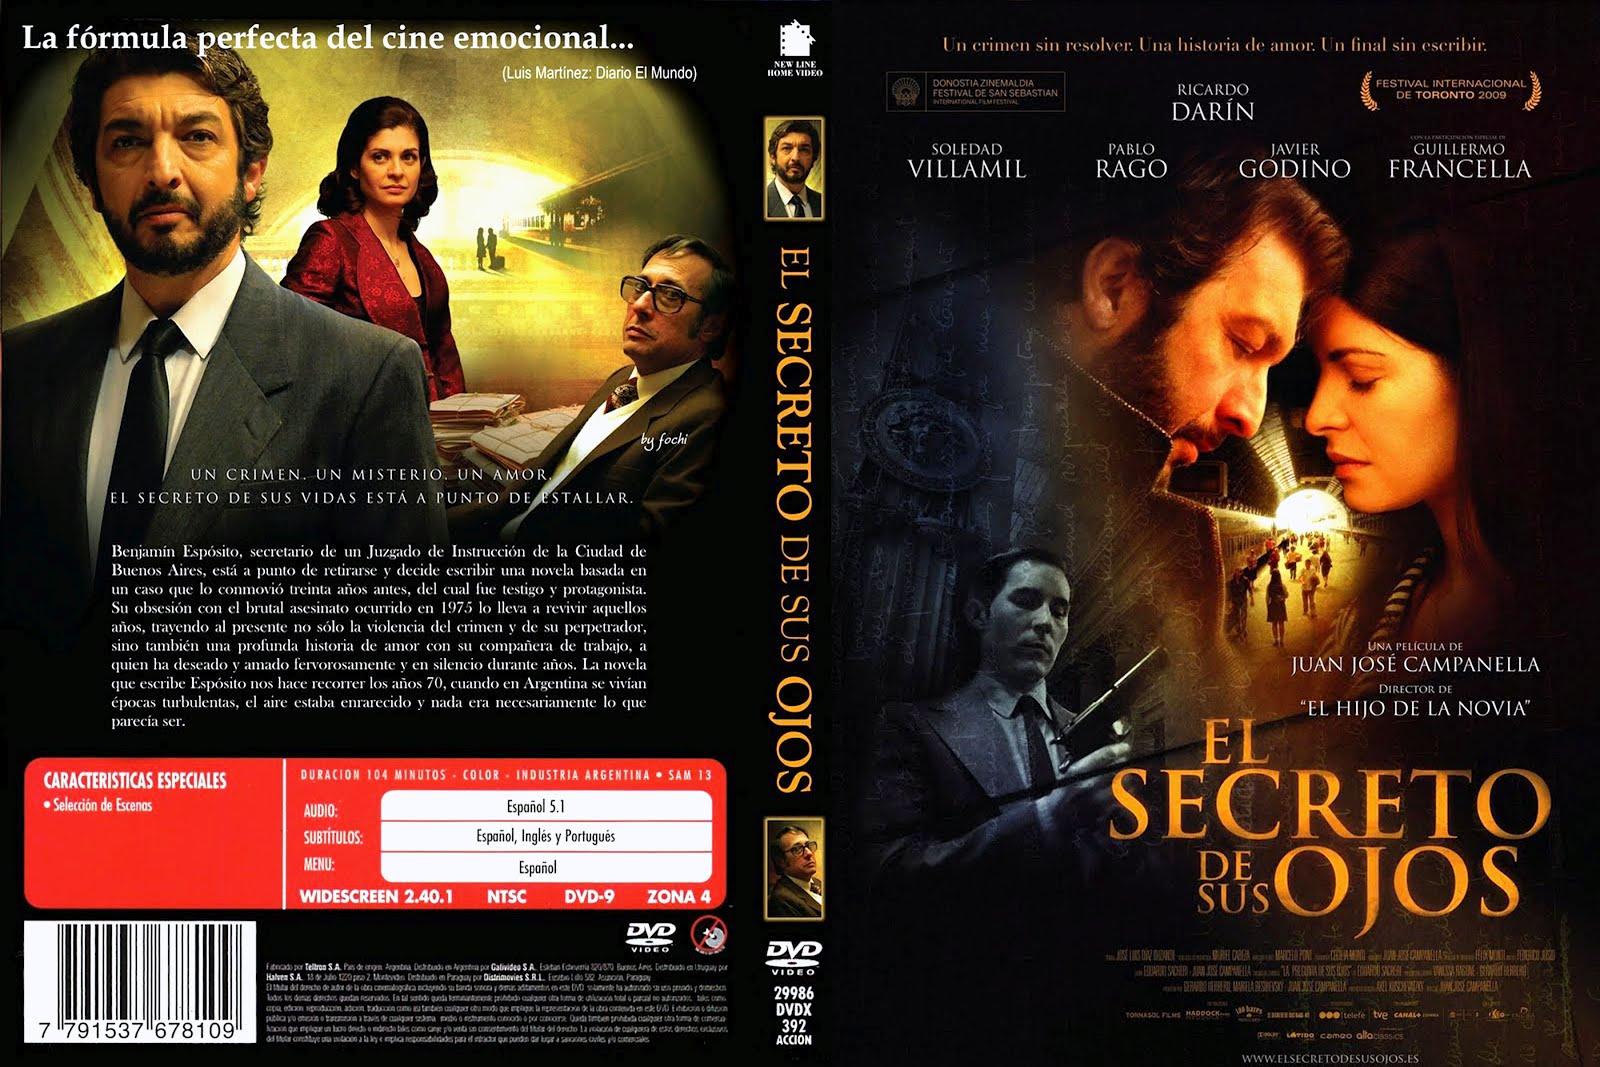 El secreto de sus ojos Dvd Front Cover